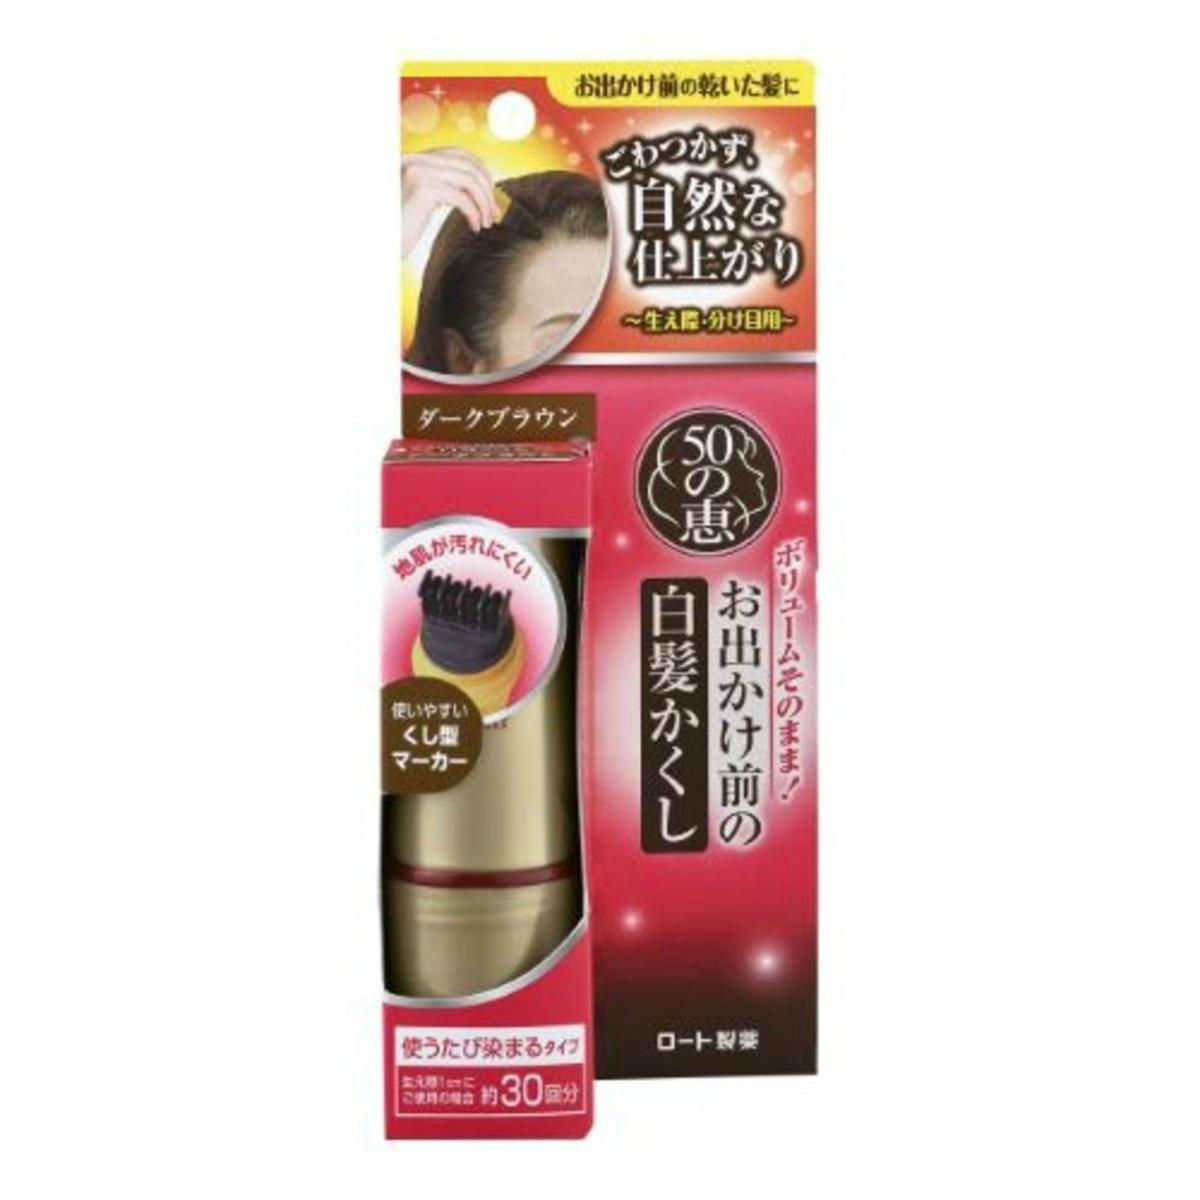 Hair Colorant pen 10ml (Dark Brown)